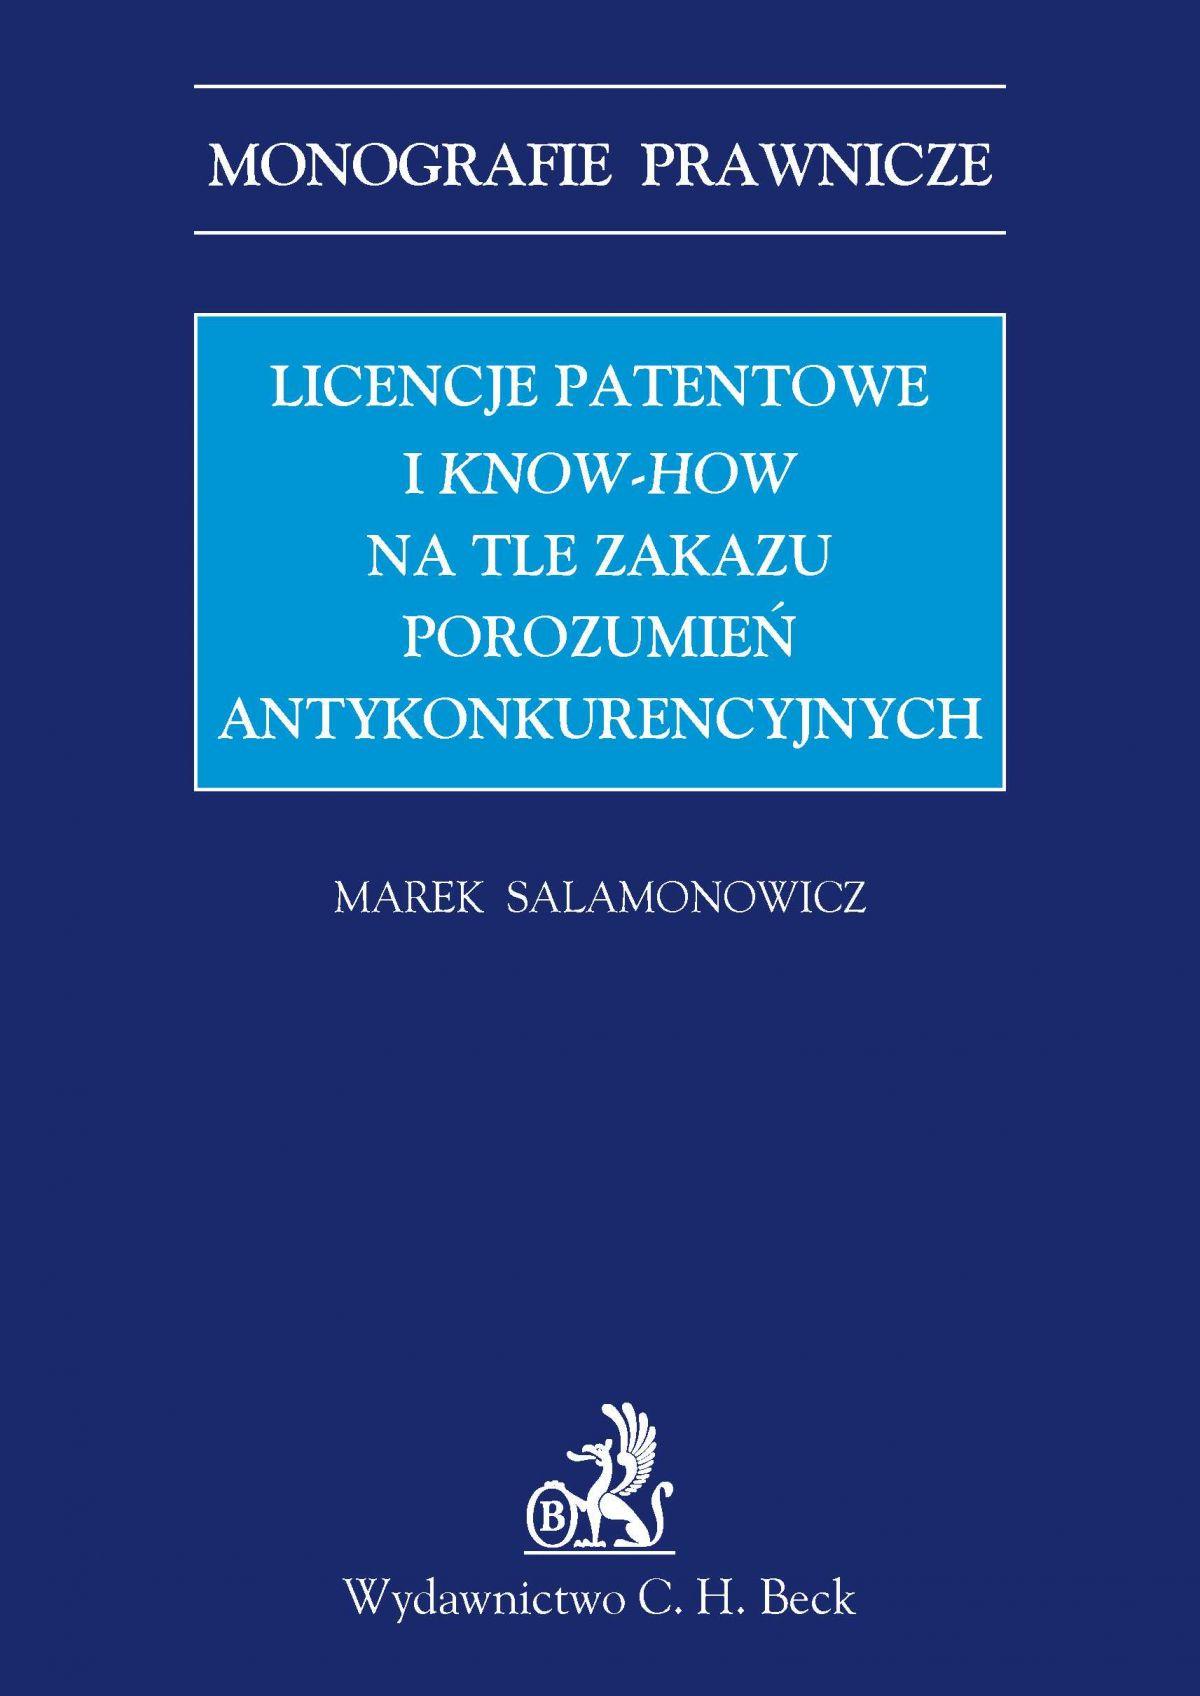 Licencje patentowe i know-how na tle zakazu porozumień antykonkurencyjnych - Ebook (Książka PDF) do pobrania w formacie PDF